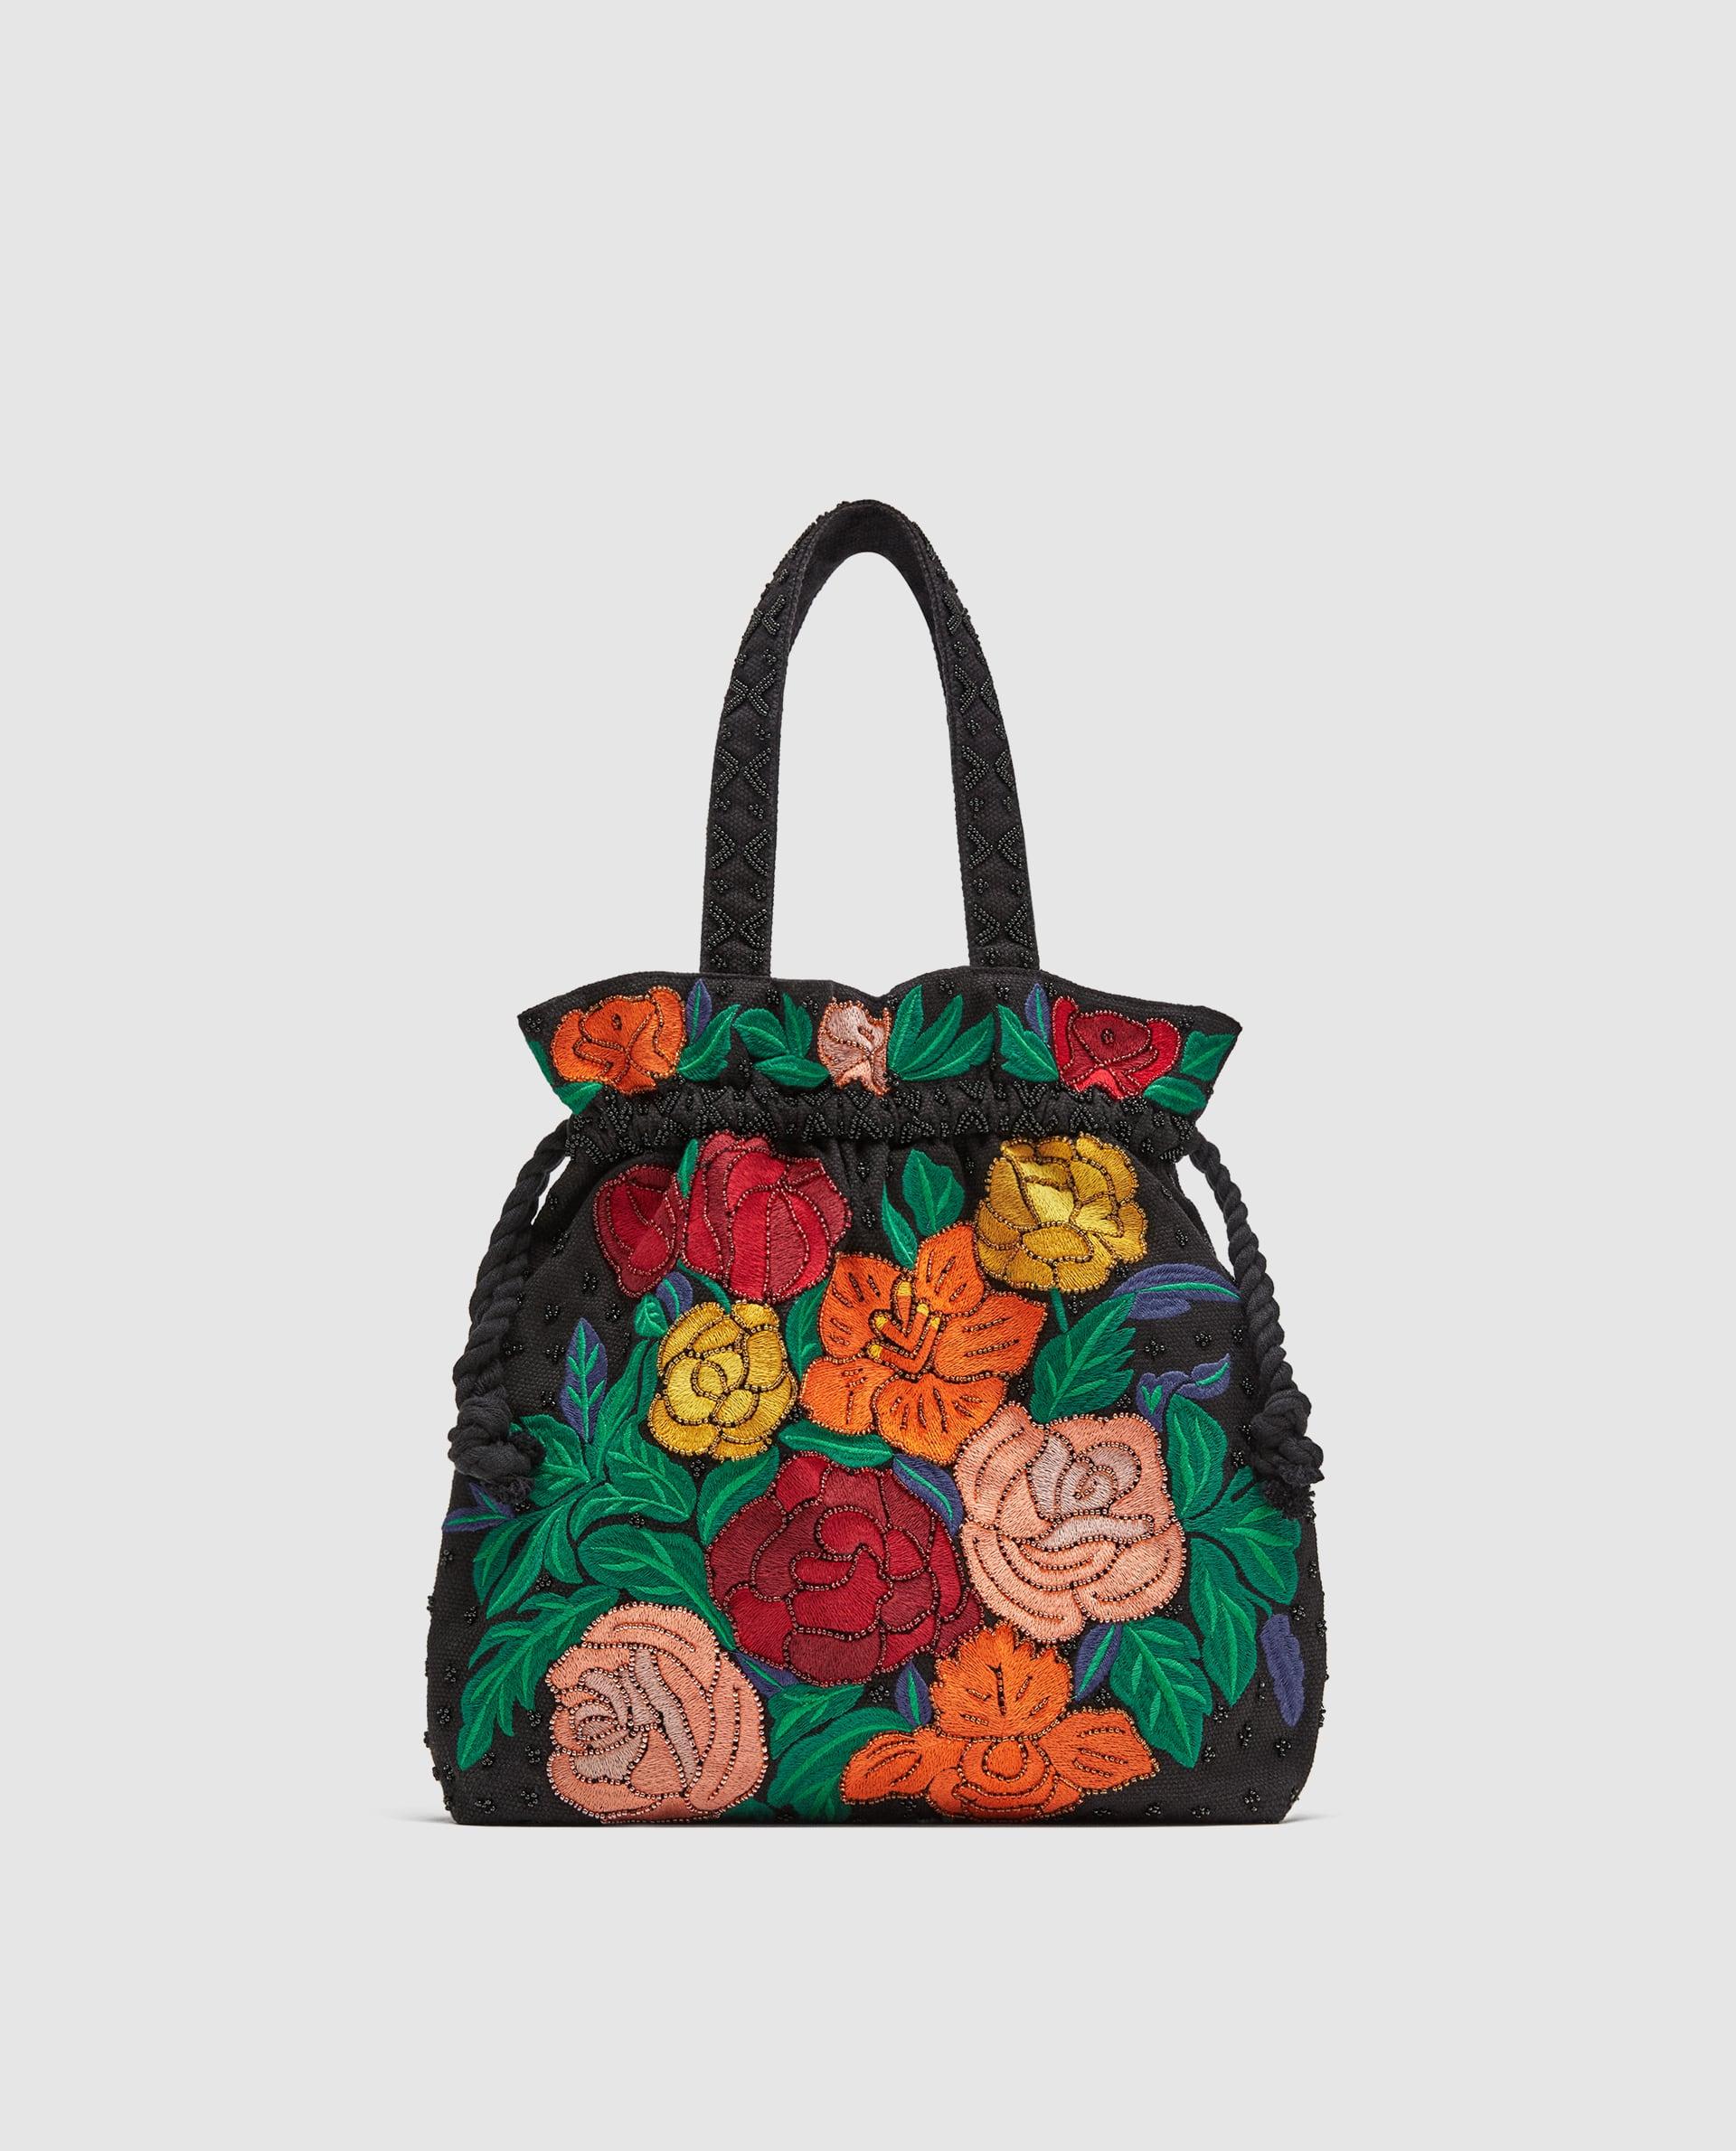 Borsa a secchiello a fiori Zara collezione primavera estate 2018